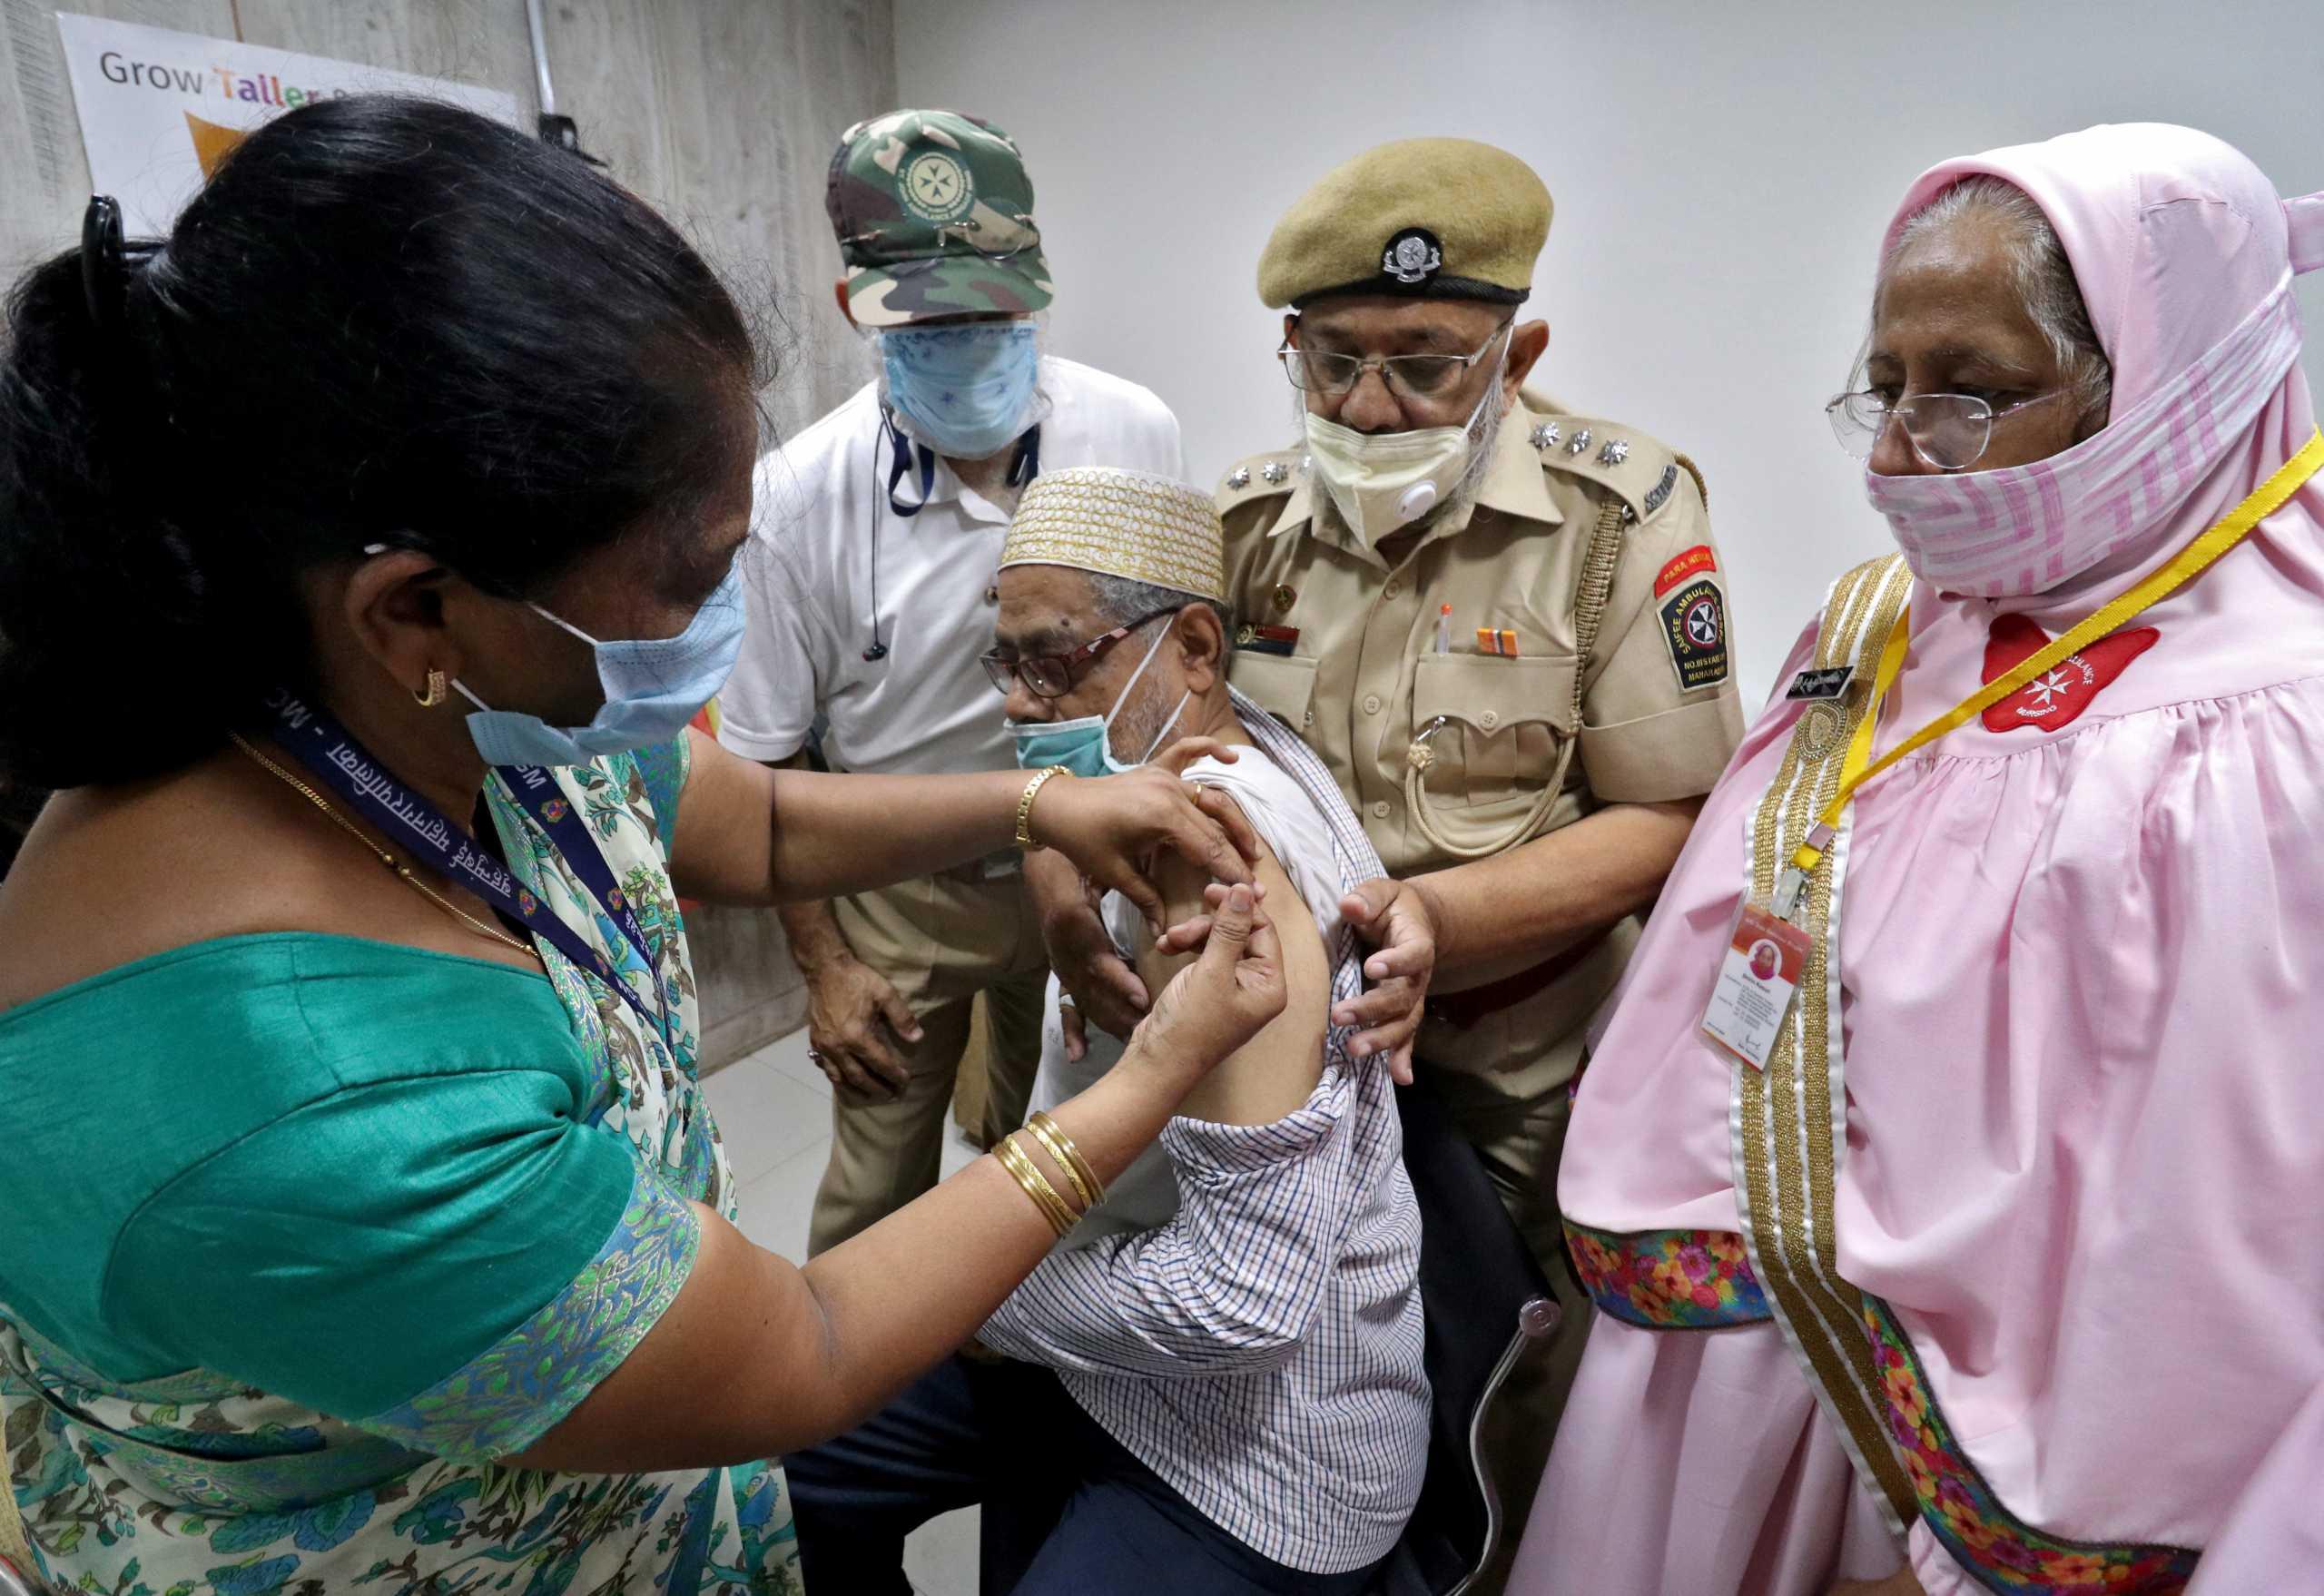 Το χτύπημα του κορονοϊού στην Ινδία φέρνει καθυστερήσεις εμβολίων σε άλλες χώρες